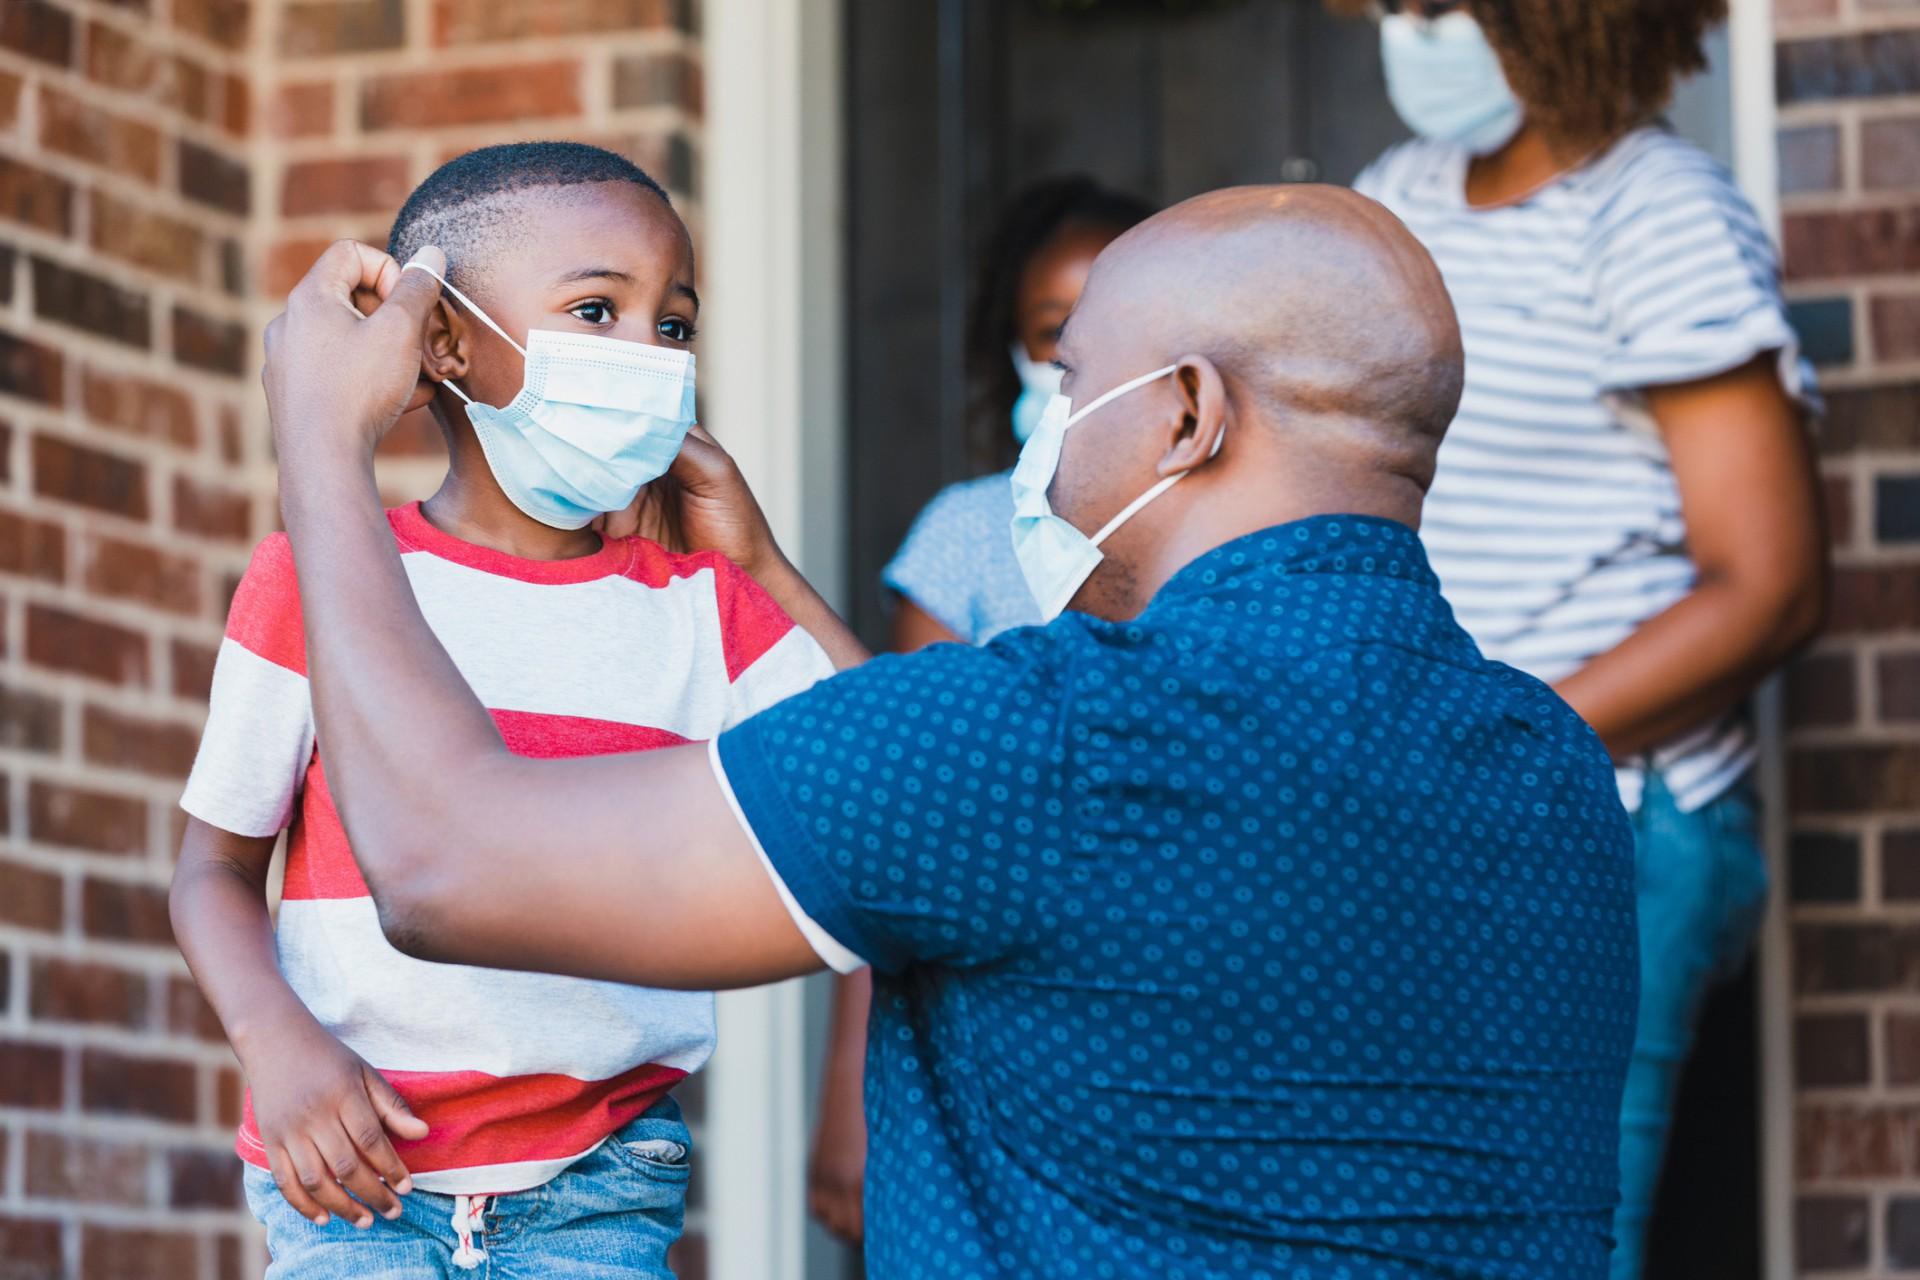 Celebrado neste 7 de abril, o Dia Mundial da Saúde amplia a atenção para os cuidados que todos devemos ter e reforça os hábitos necessários em tempos de pandemia